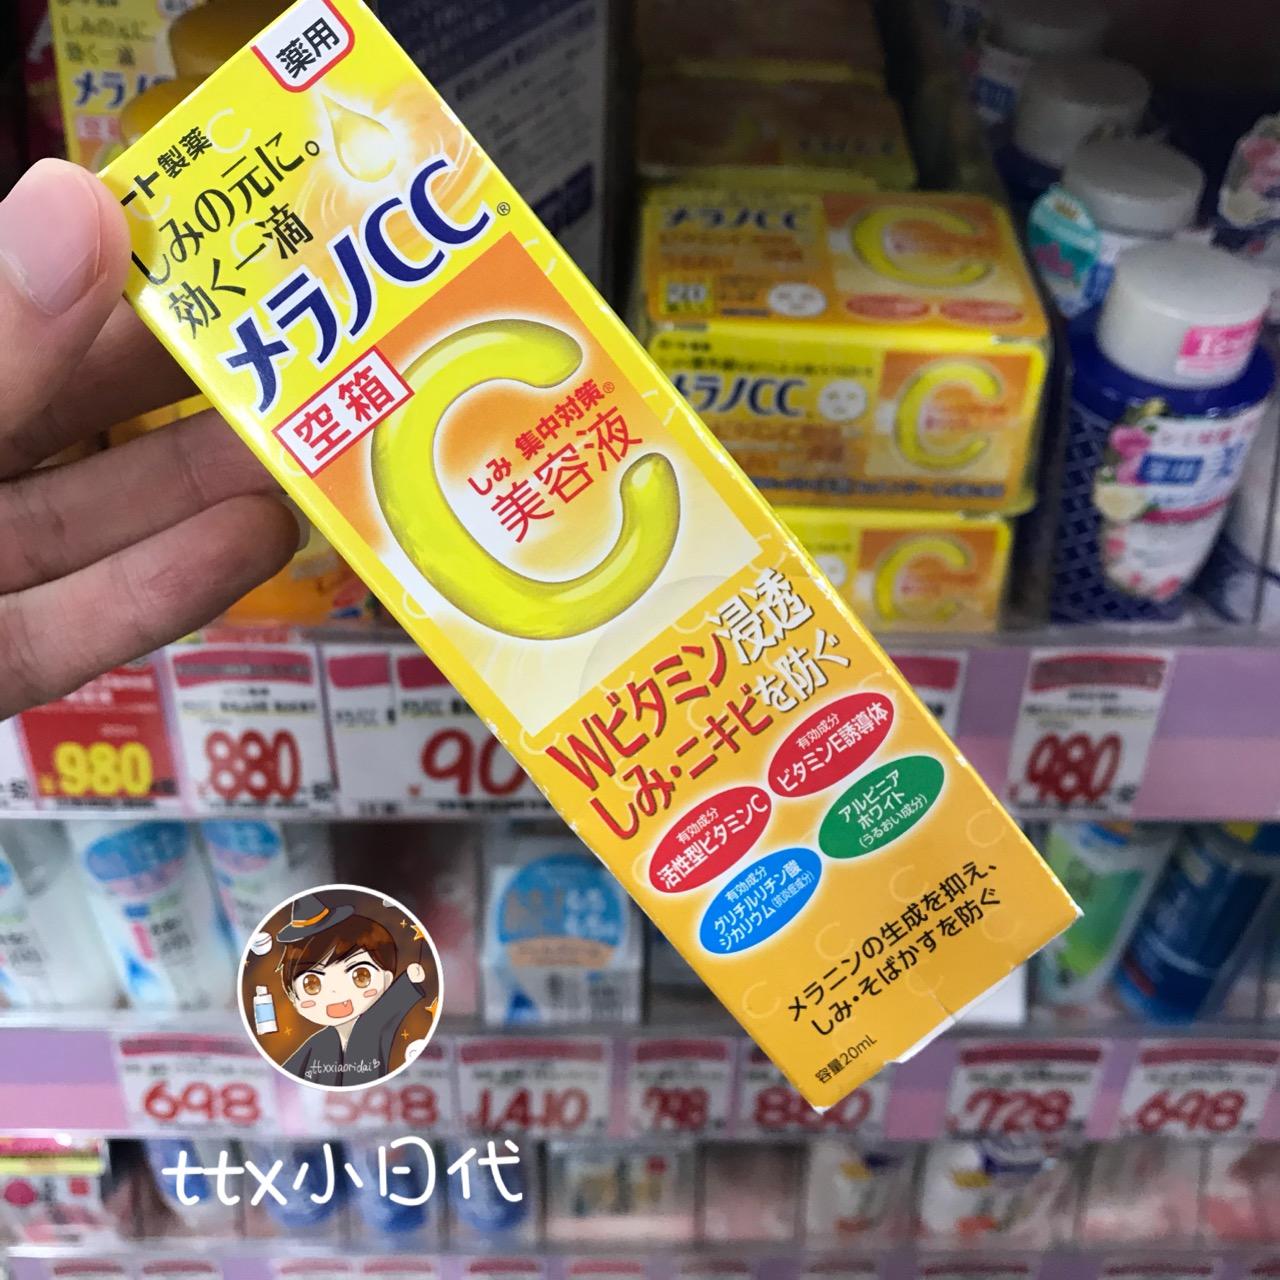 日本本土 現貨 樂敦CC美容精華液去痘印淡斑美白晒後修復 20ml